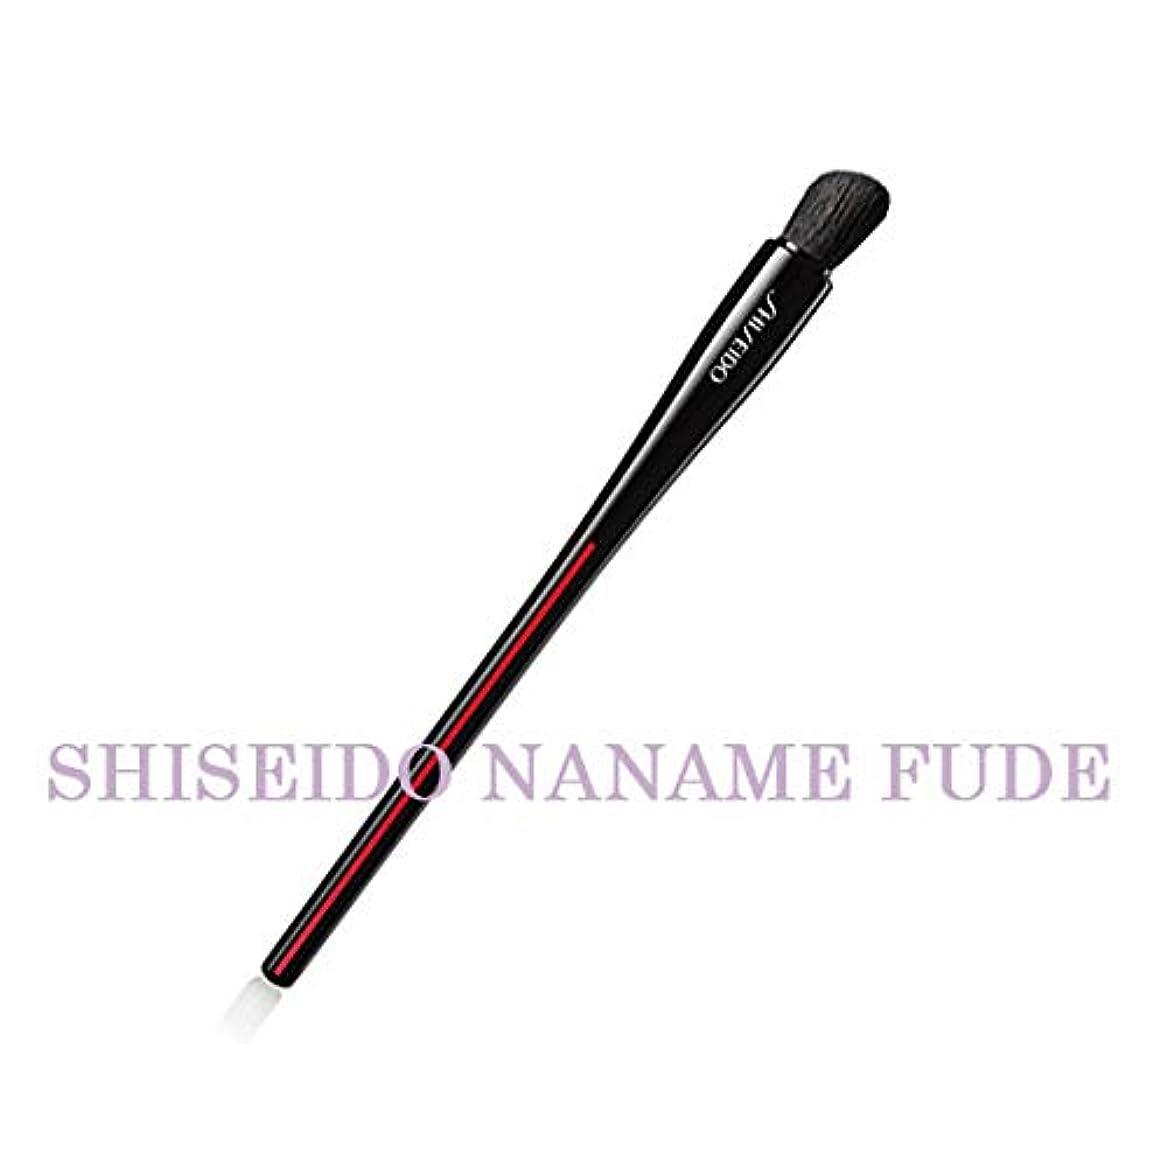 コショウうれしい第五SHISEIDO Makeup(資生堂 メーキャップ) SHISEIDO(資生堂) SHISEIDO NANAME FUDE マルチ アイブラシ